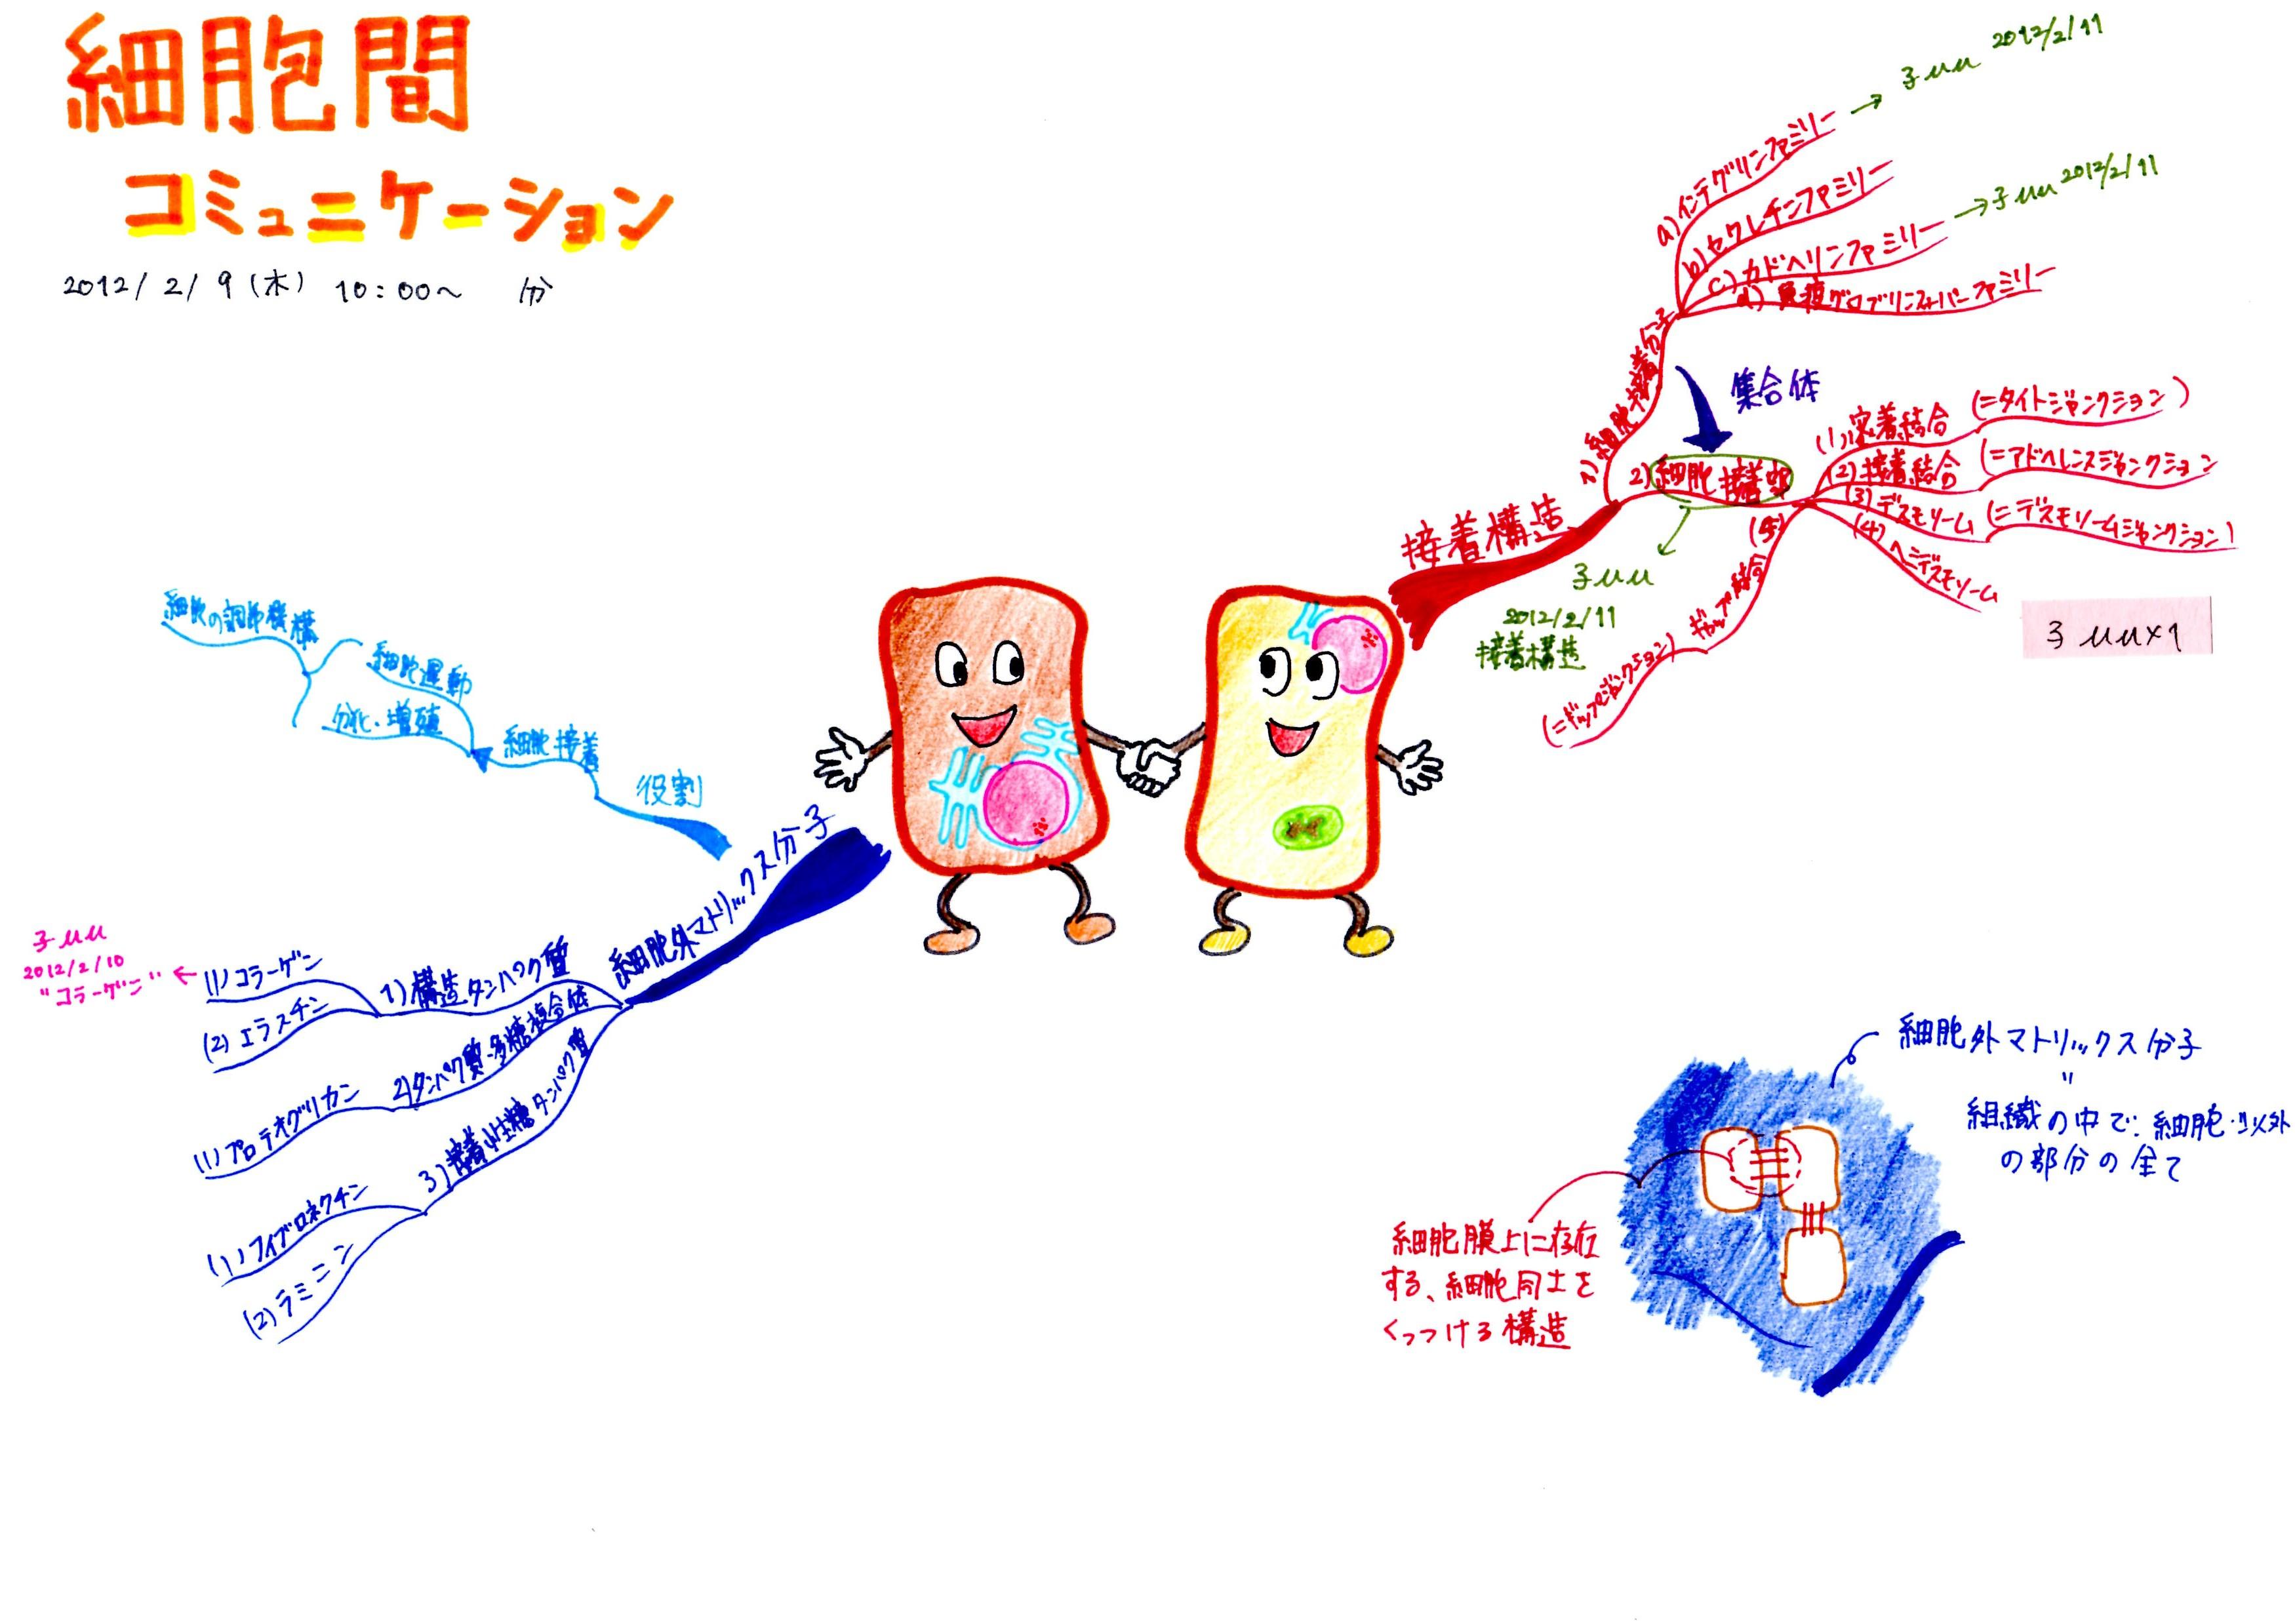 細胞間コミュニケーション